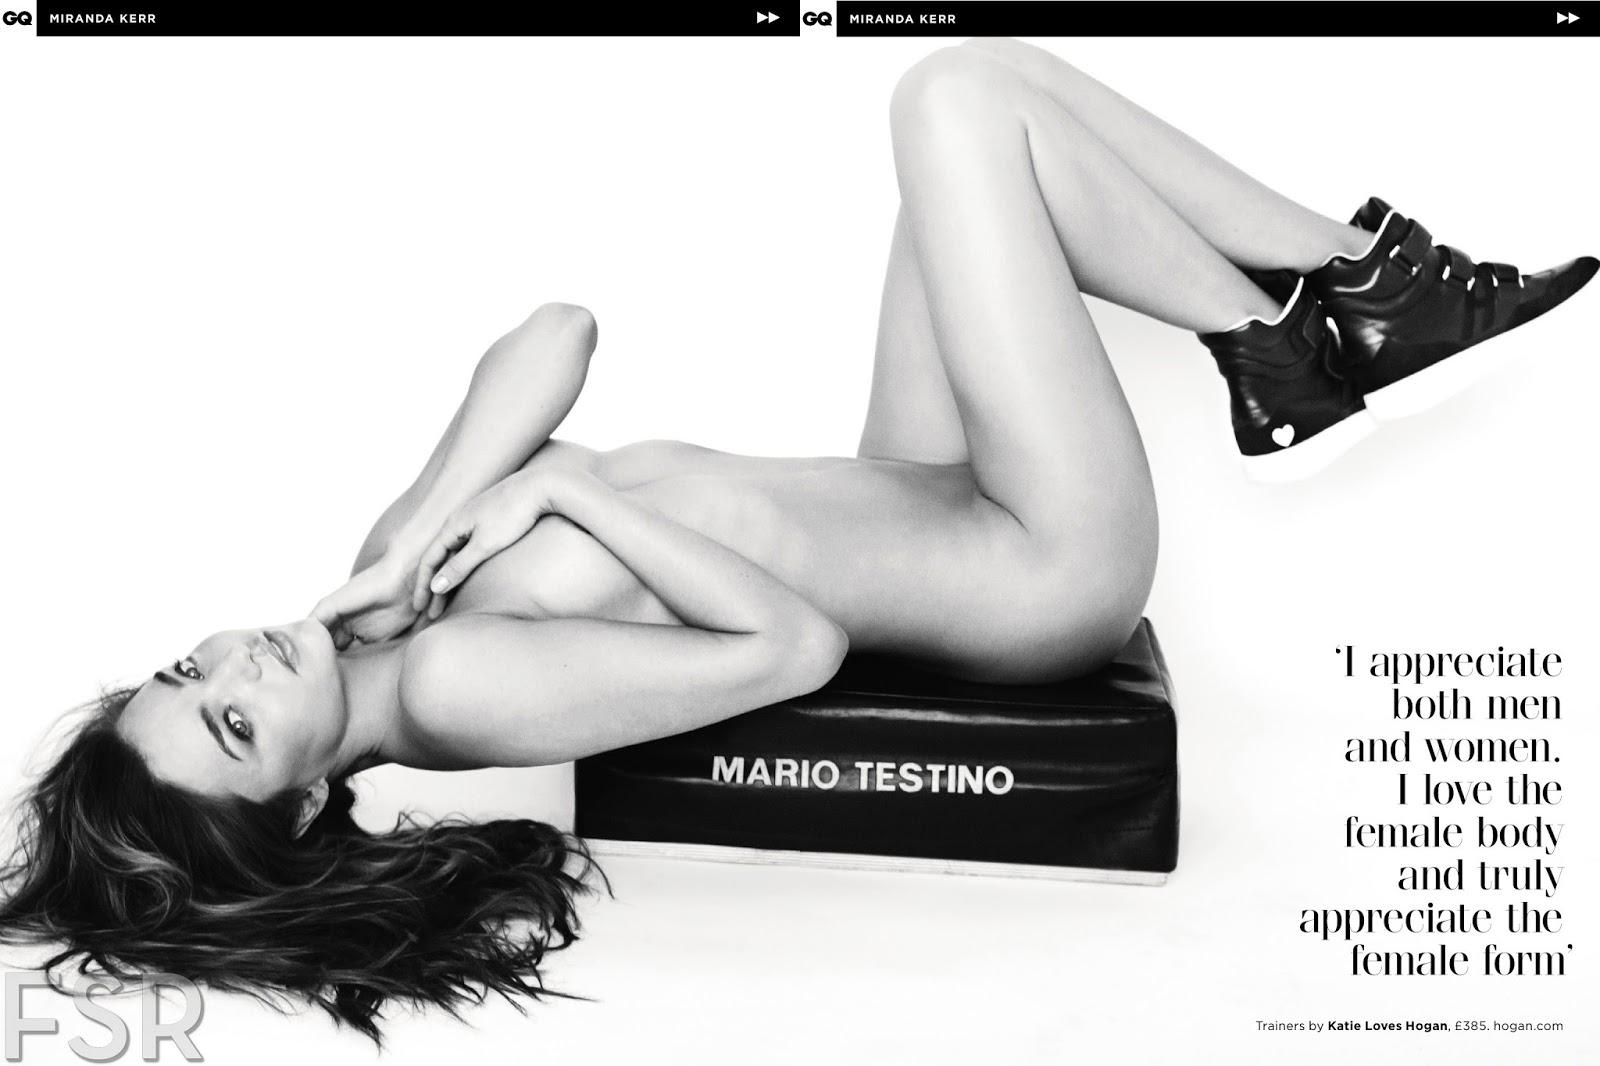 miranda kerr by mario testino for uk gq may 2014 | visual